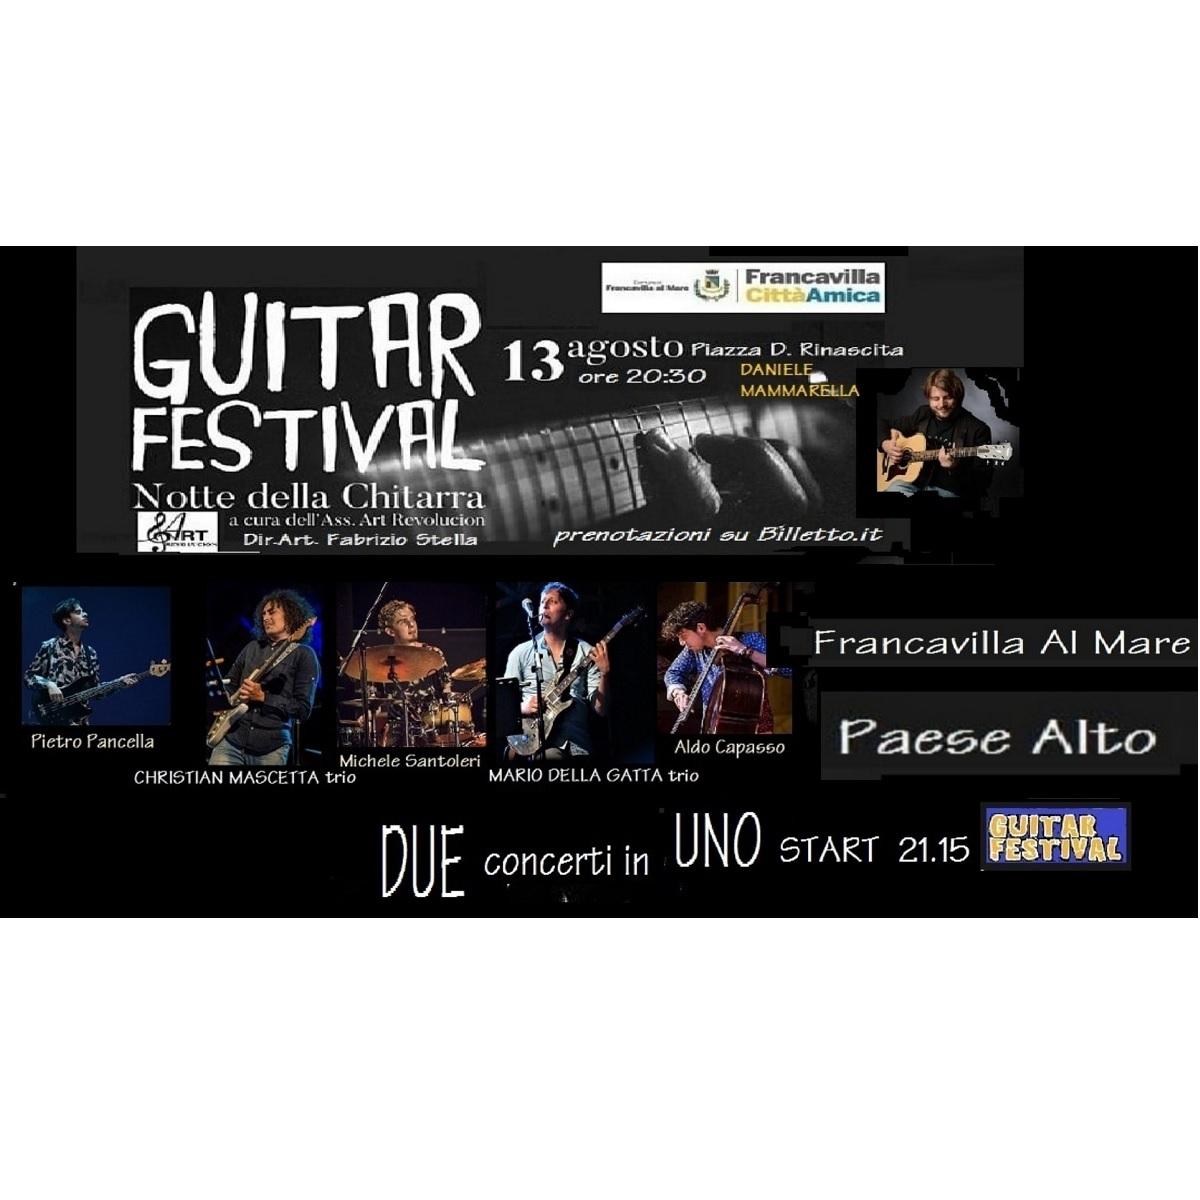 Guitar Festival a Francavilla al Mare 13 agosto 2021 foto